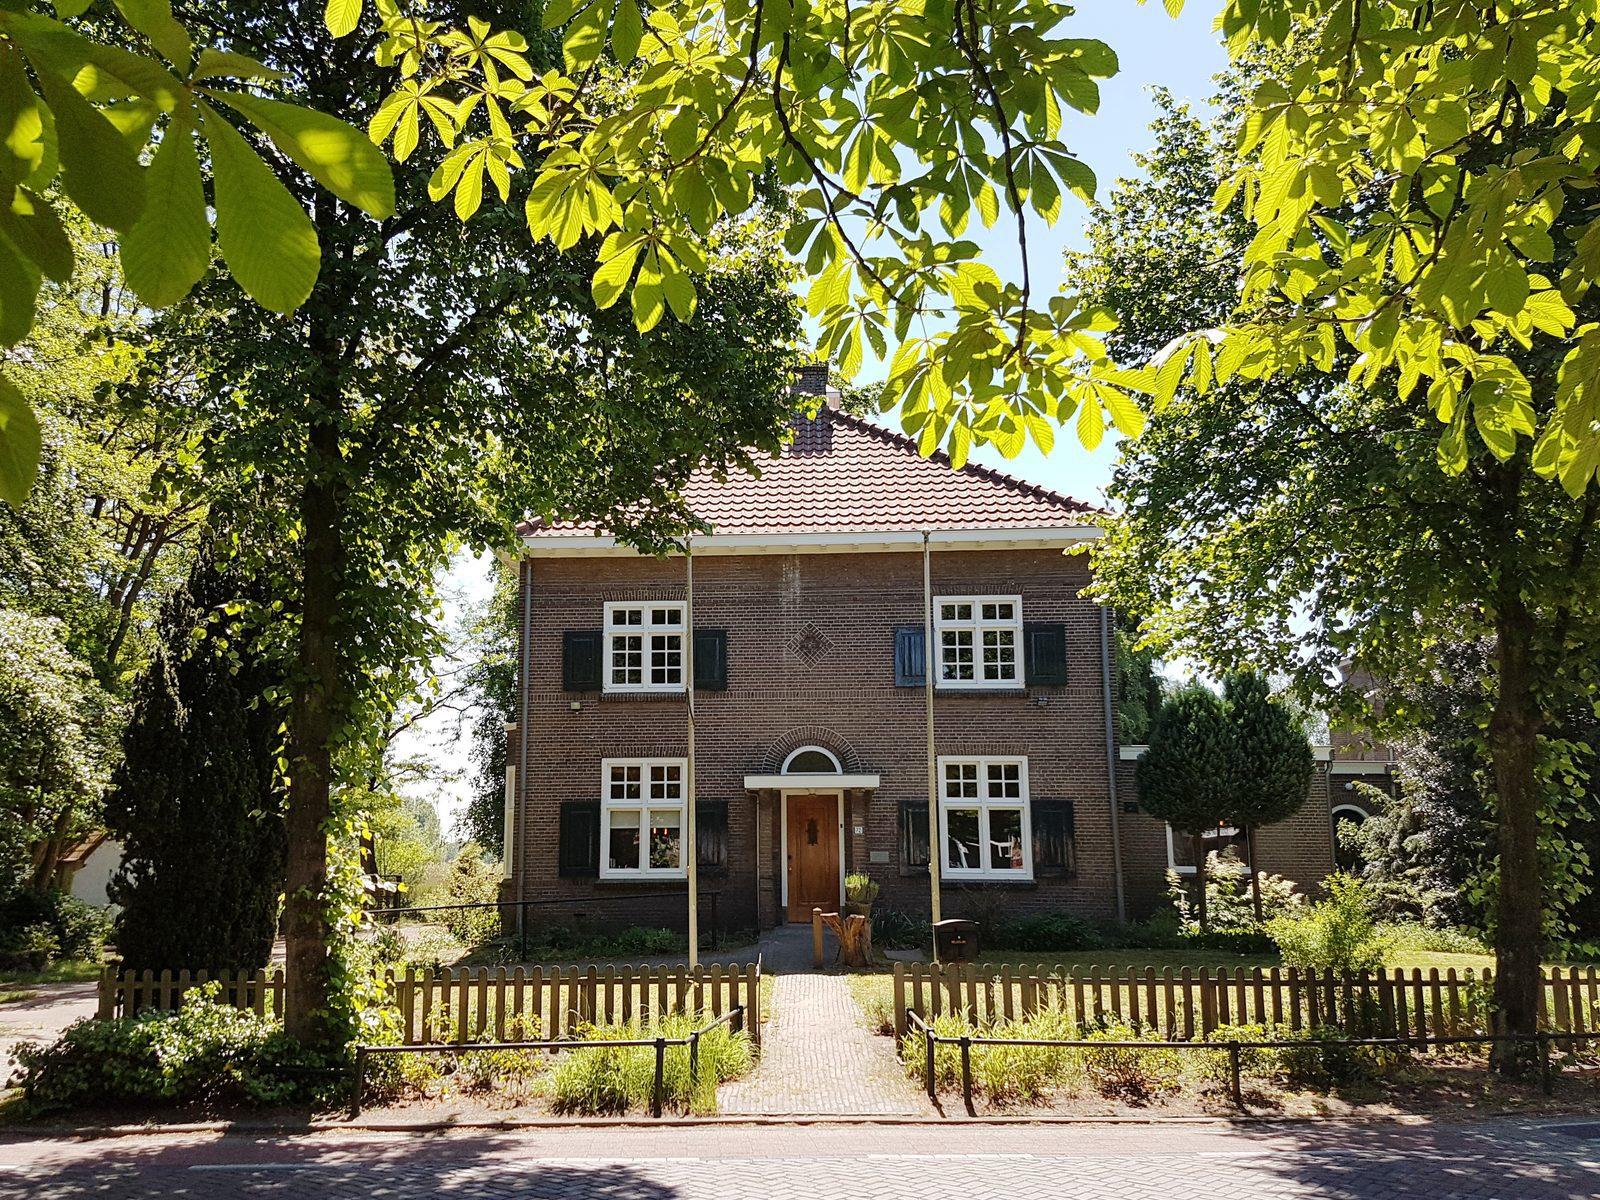 Vakantiehuis de Pastoorswoning in Brabant